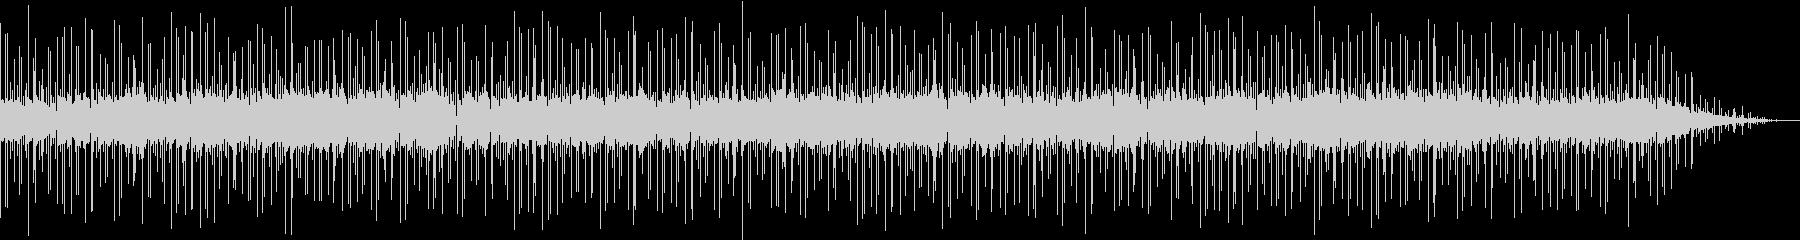 ボサノバ調の落ち着いたBGMの未再生の波形